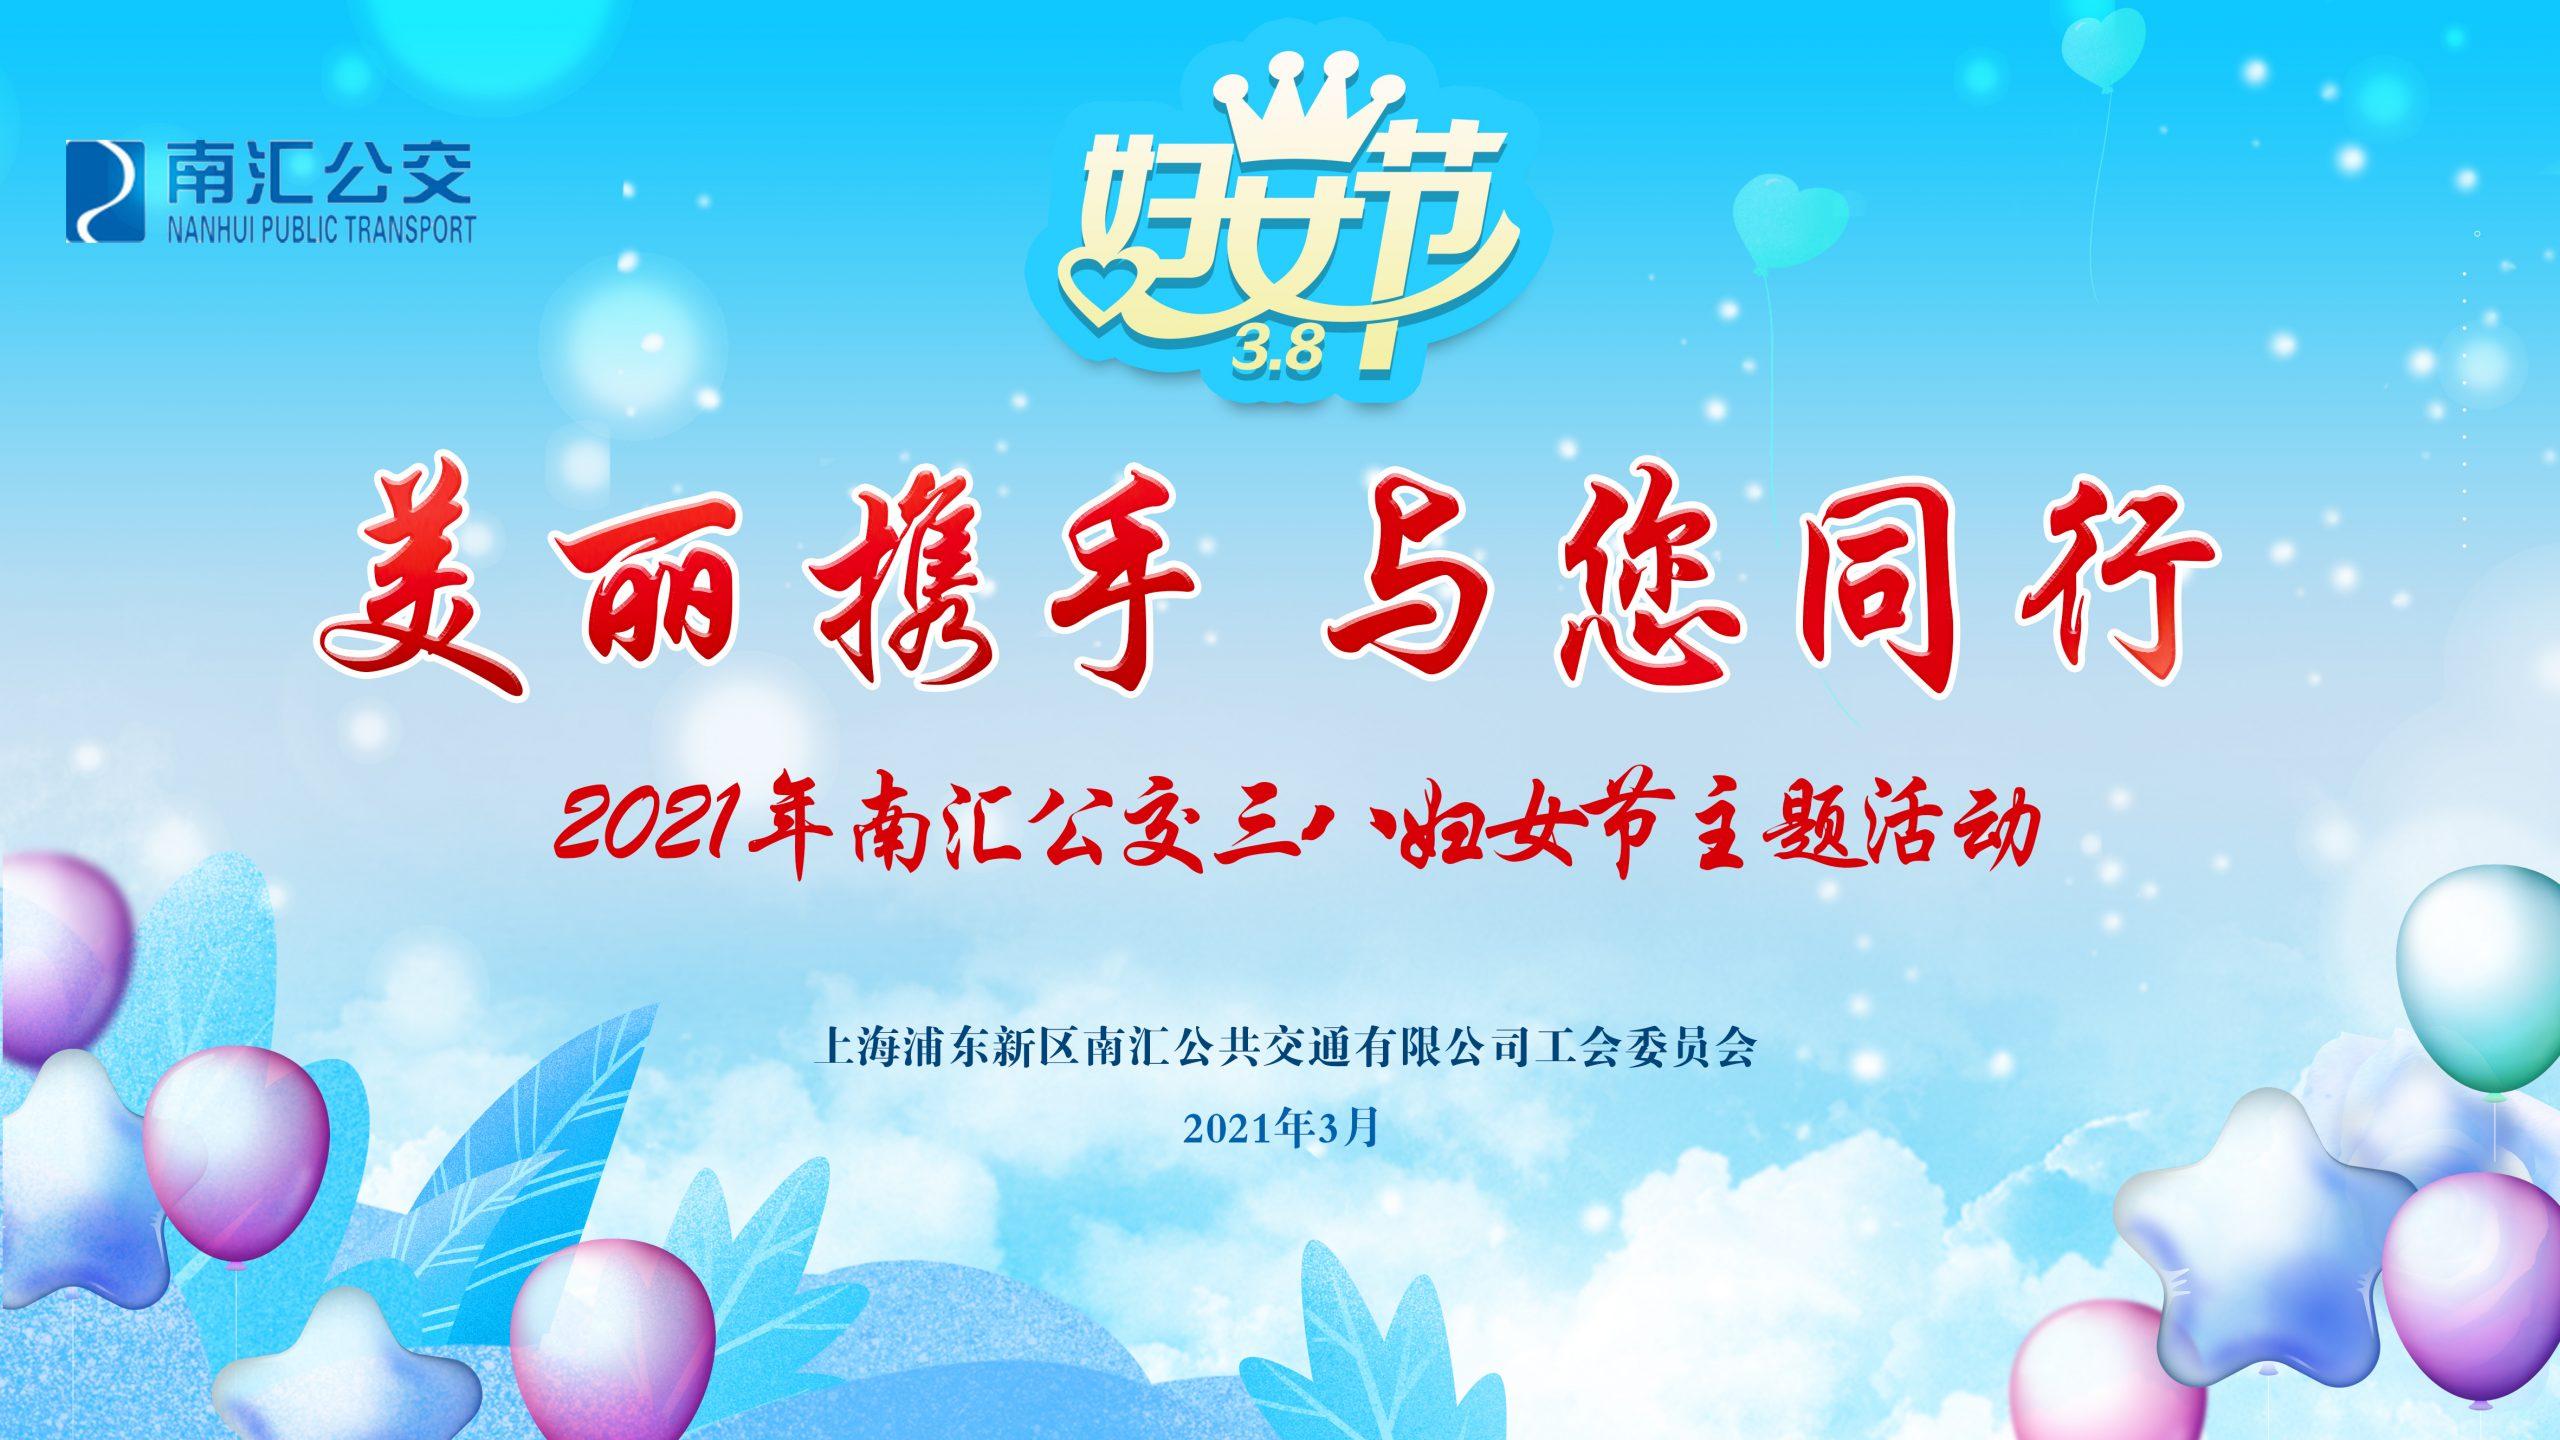 """""""美丽携手 与您同行""""-2021年南汇公交三八妇女节主题活动"""